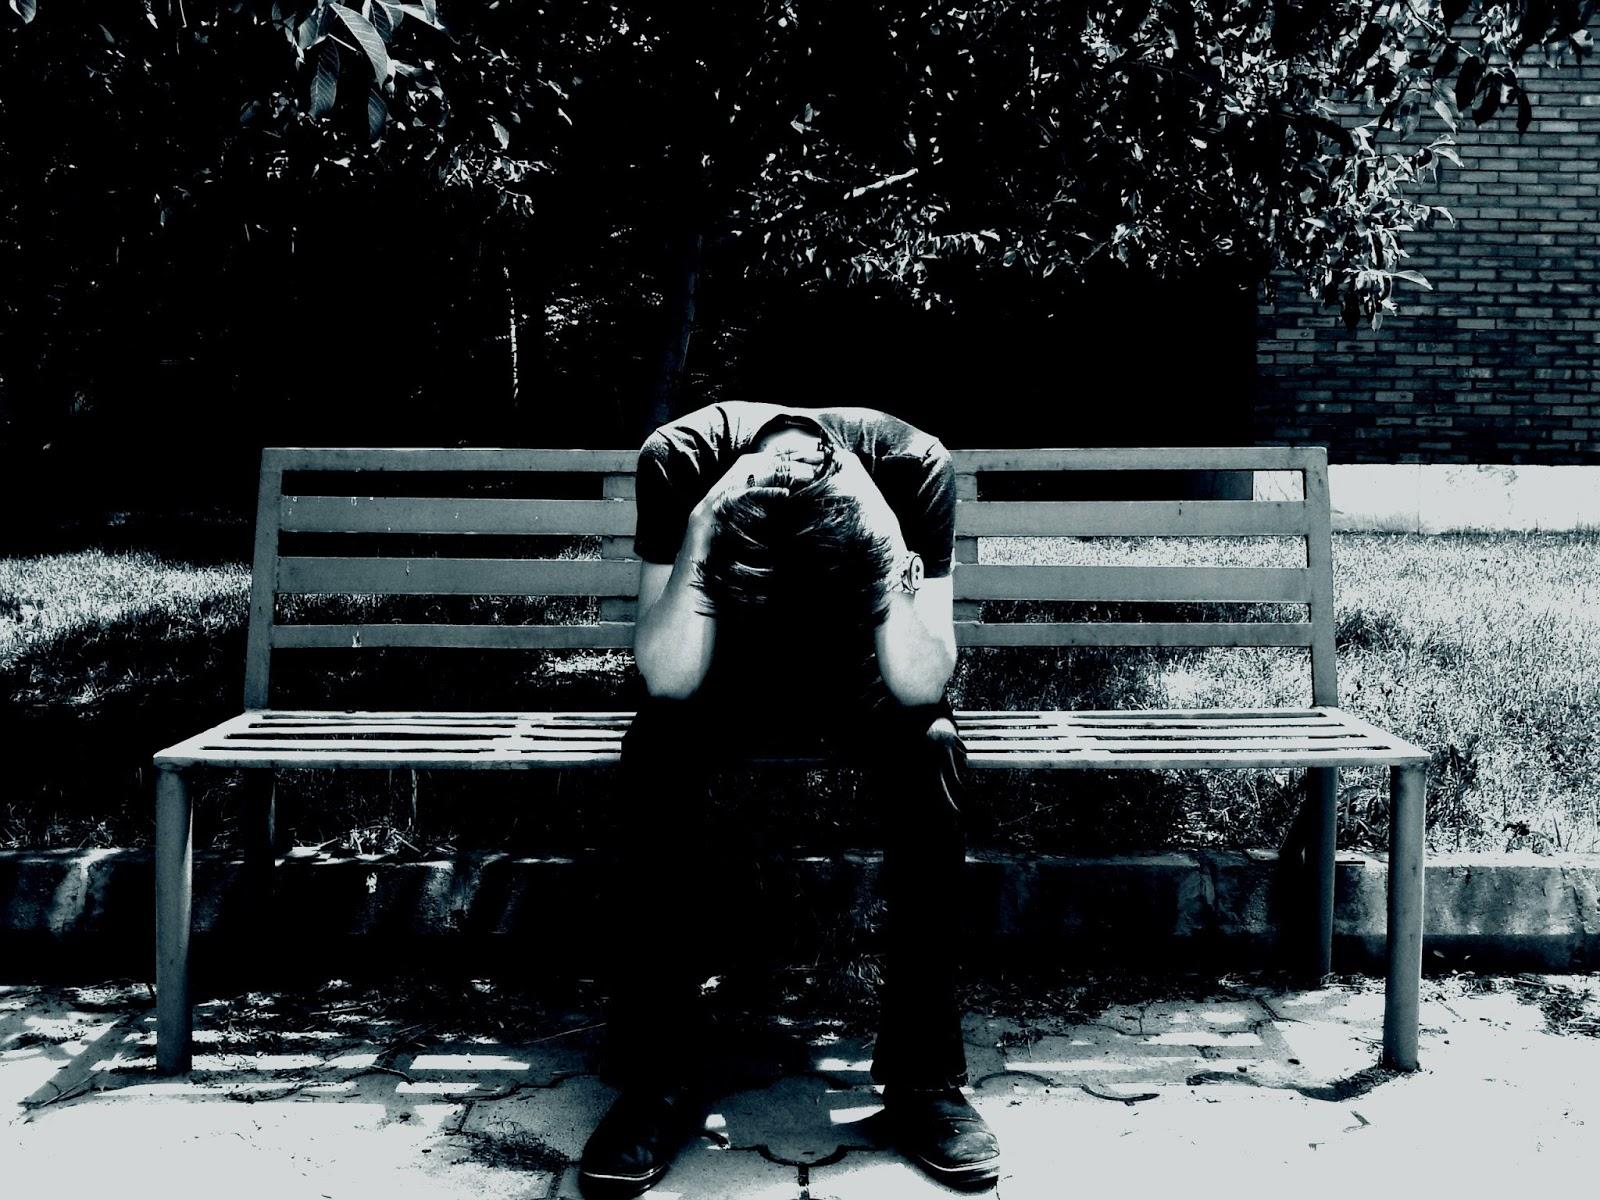 Joven sentado triste